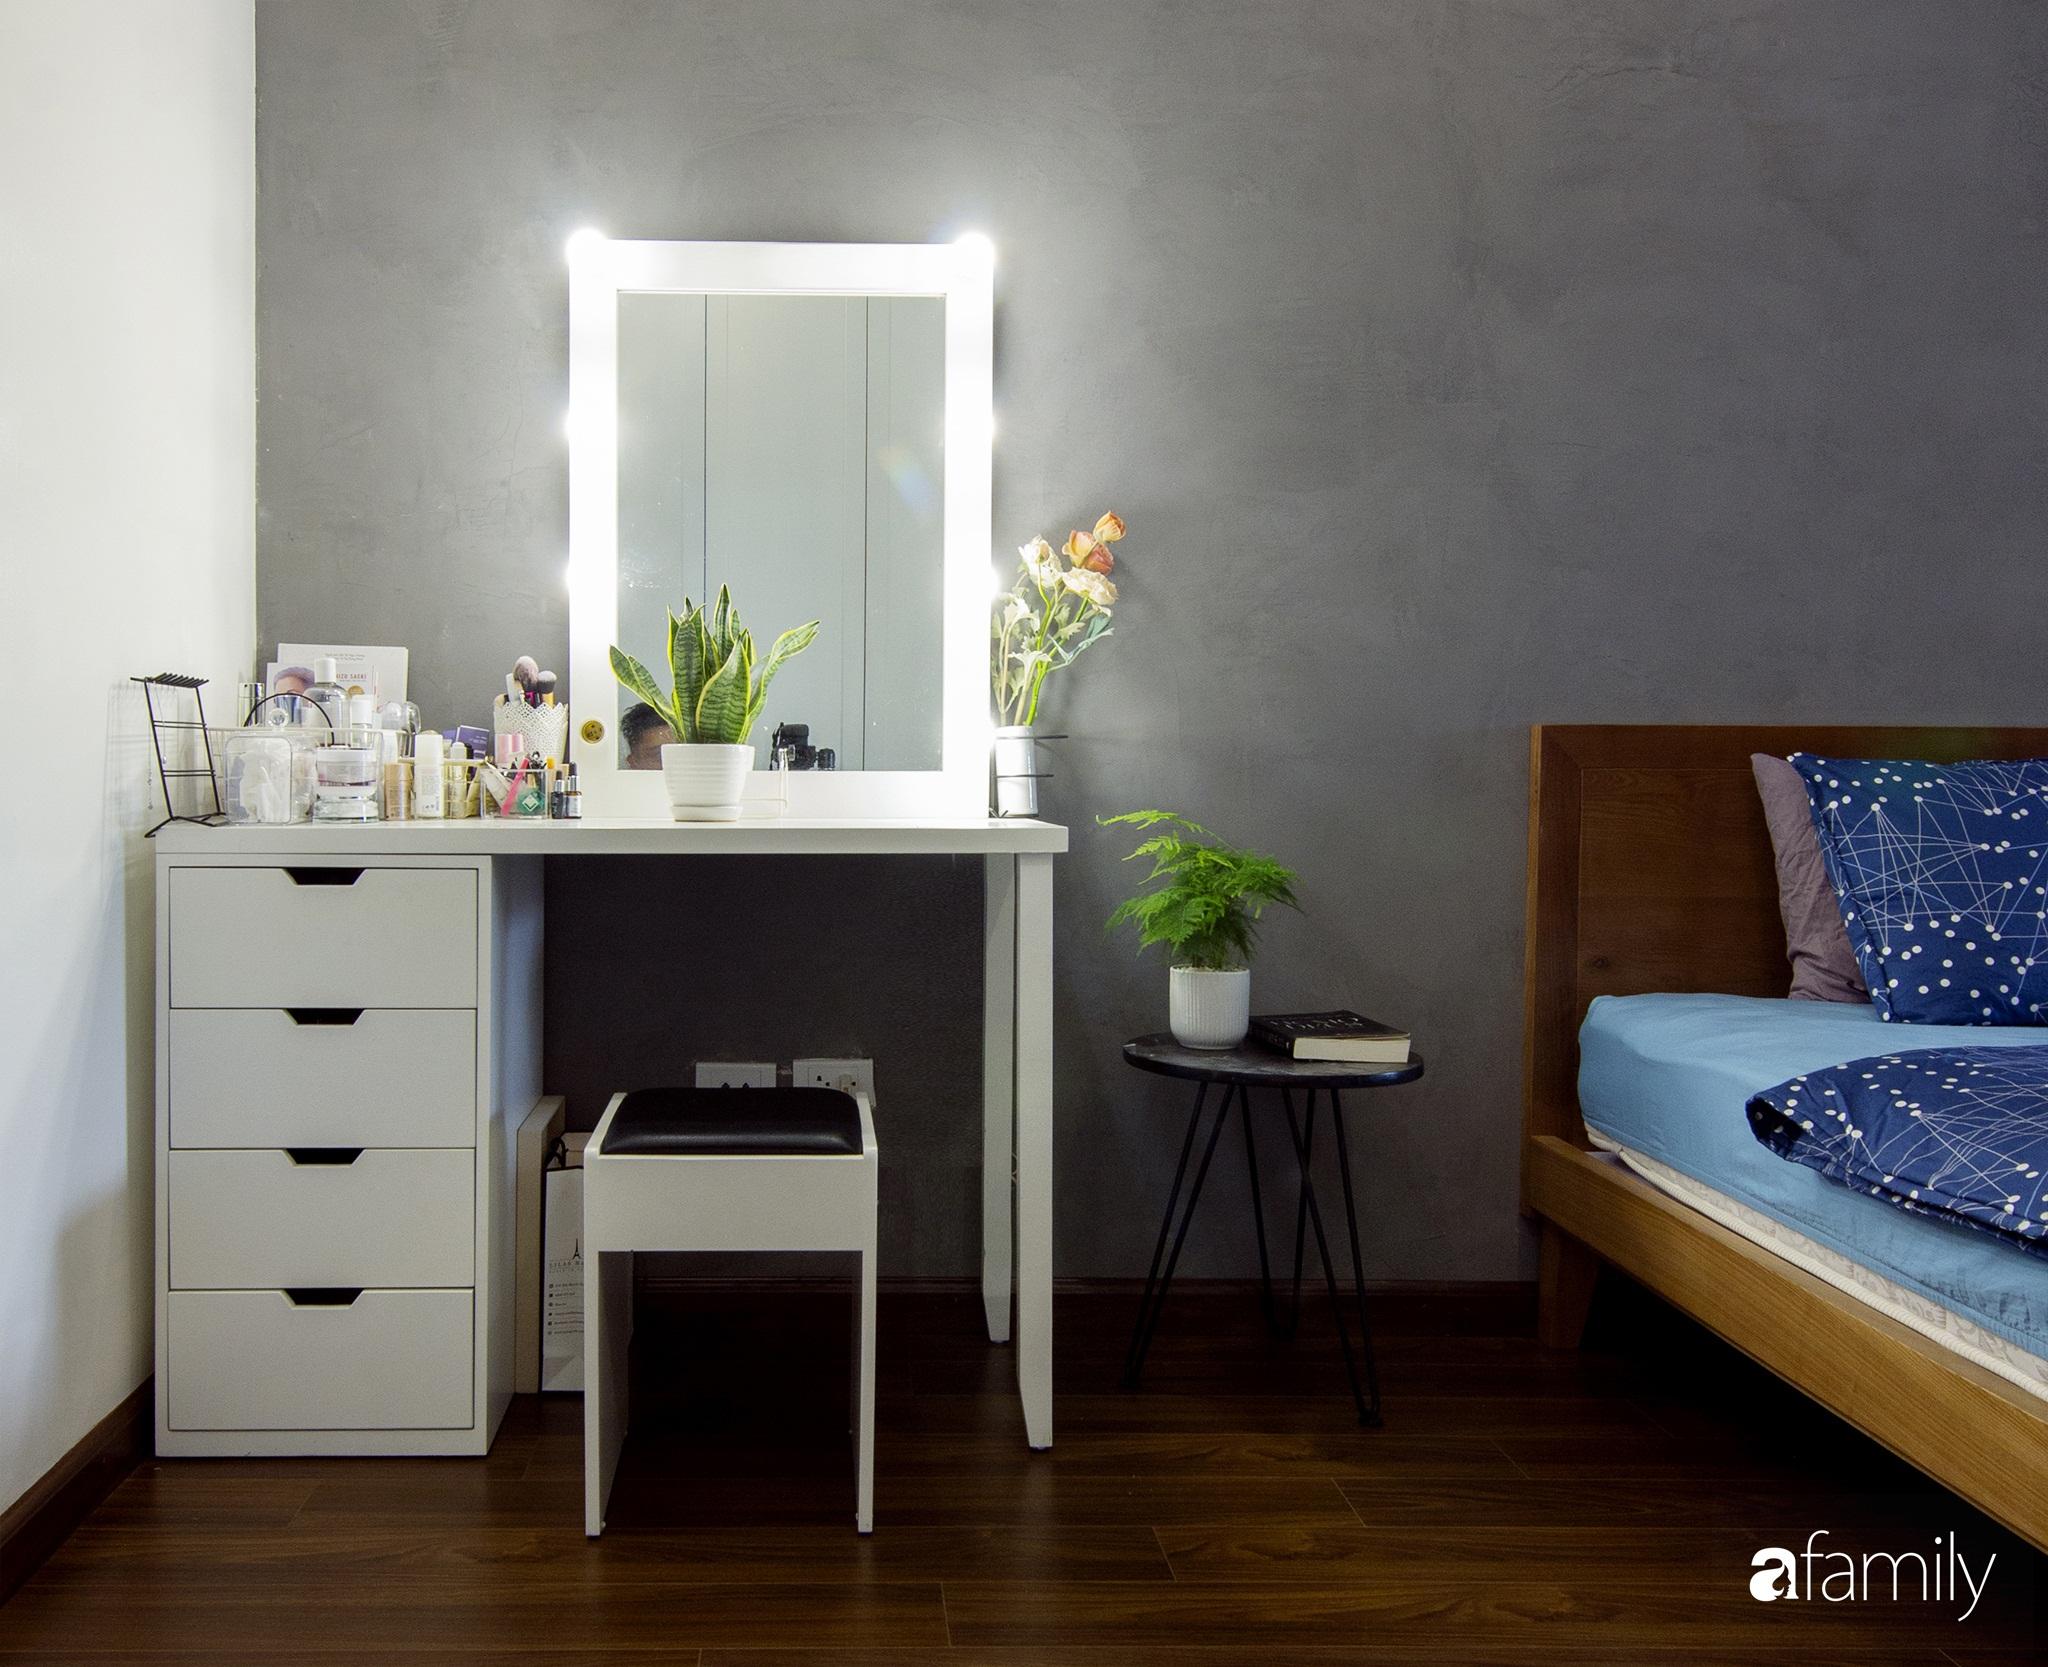 Căn hộ 150m² tối ưu không gian nhờ decor màu trung tính và phong cách hiện đại ở Cầu Giấy, Hà Nội - Ảnh 14.